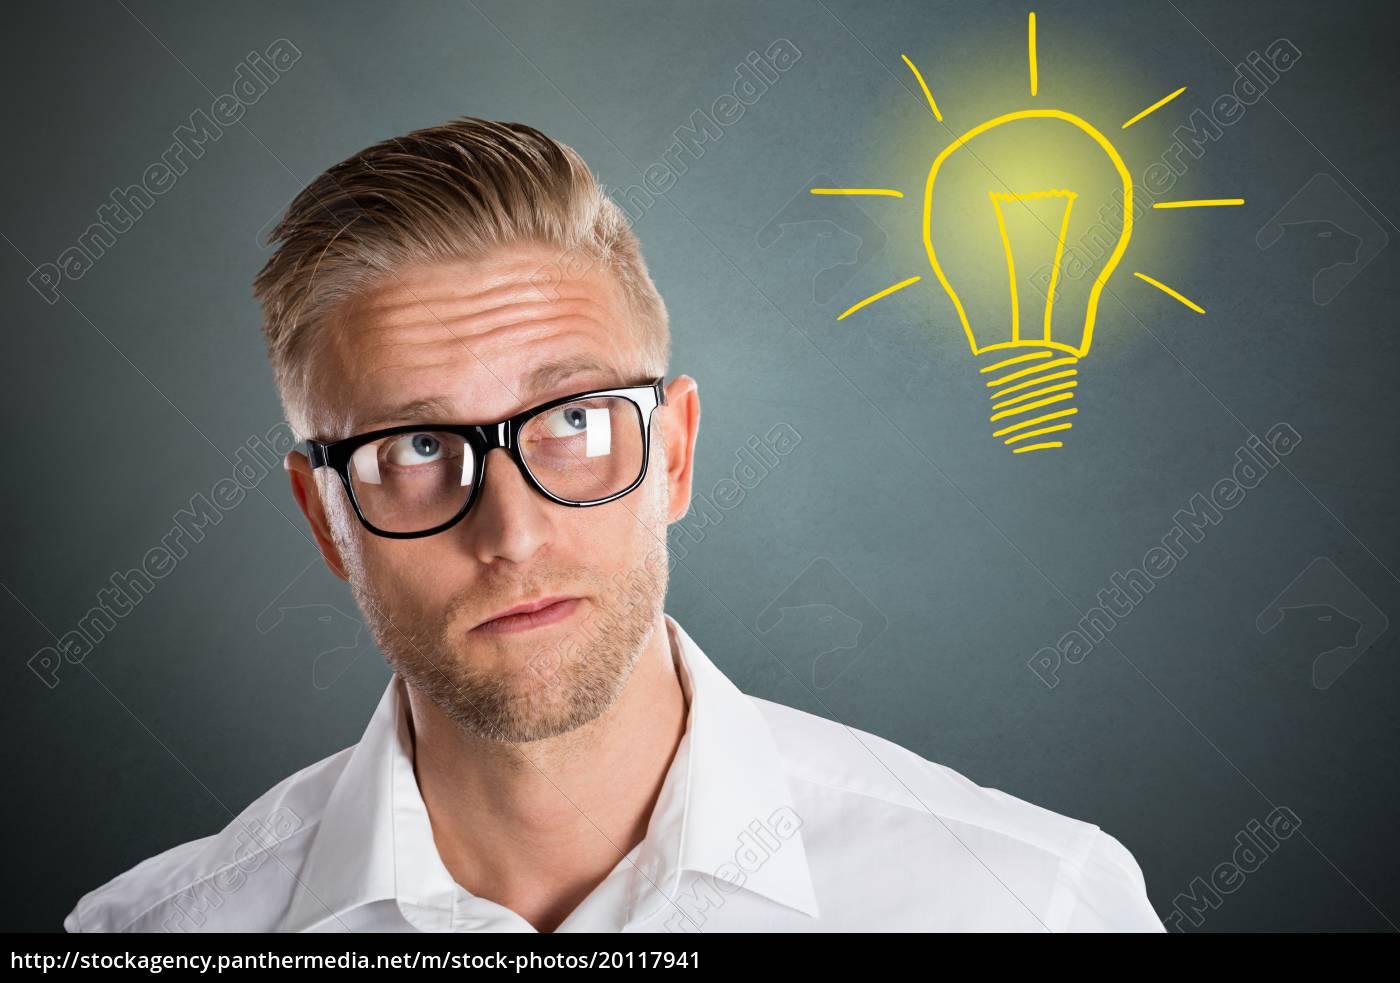 young, man, having, an, idea - 20117941